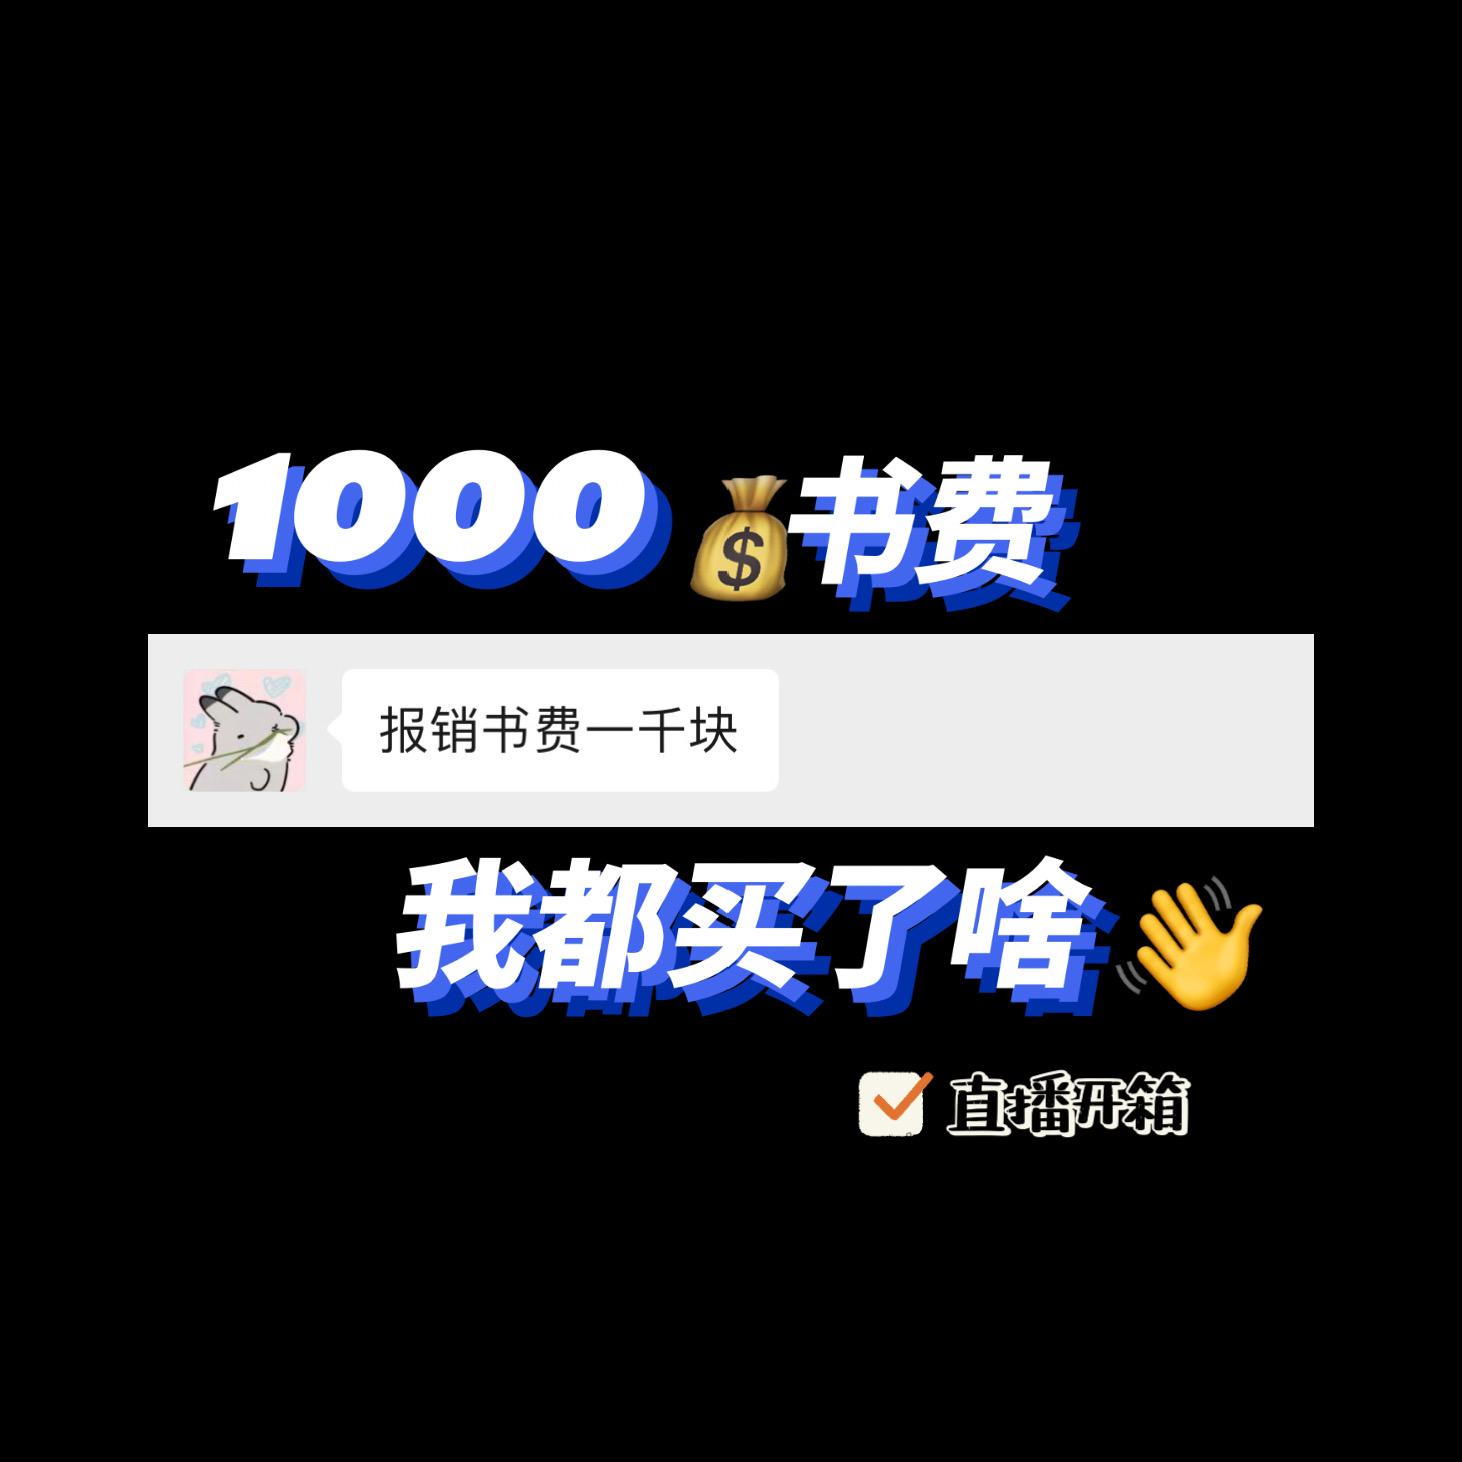 新书开箱 1000经费随便买?...